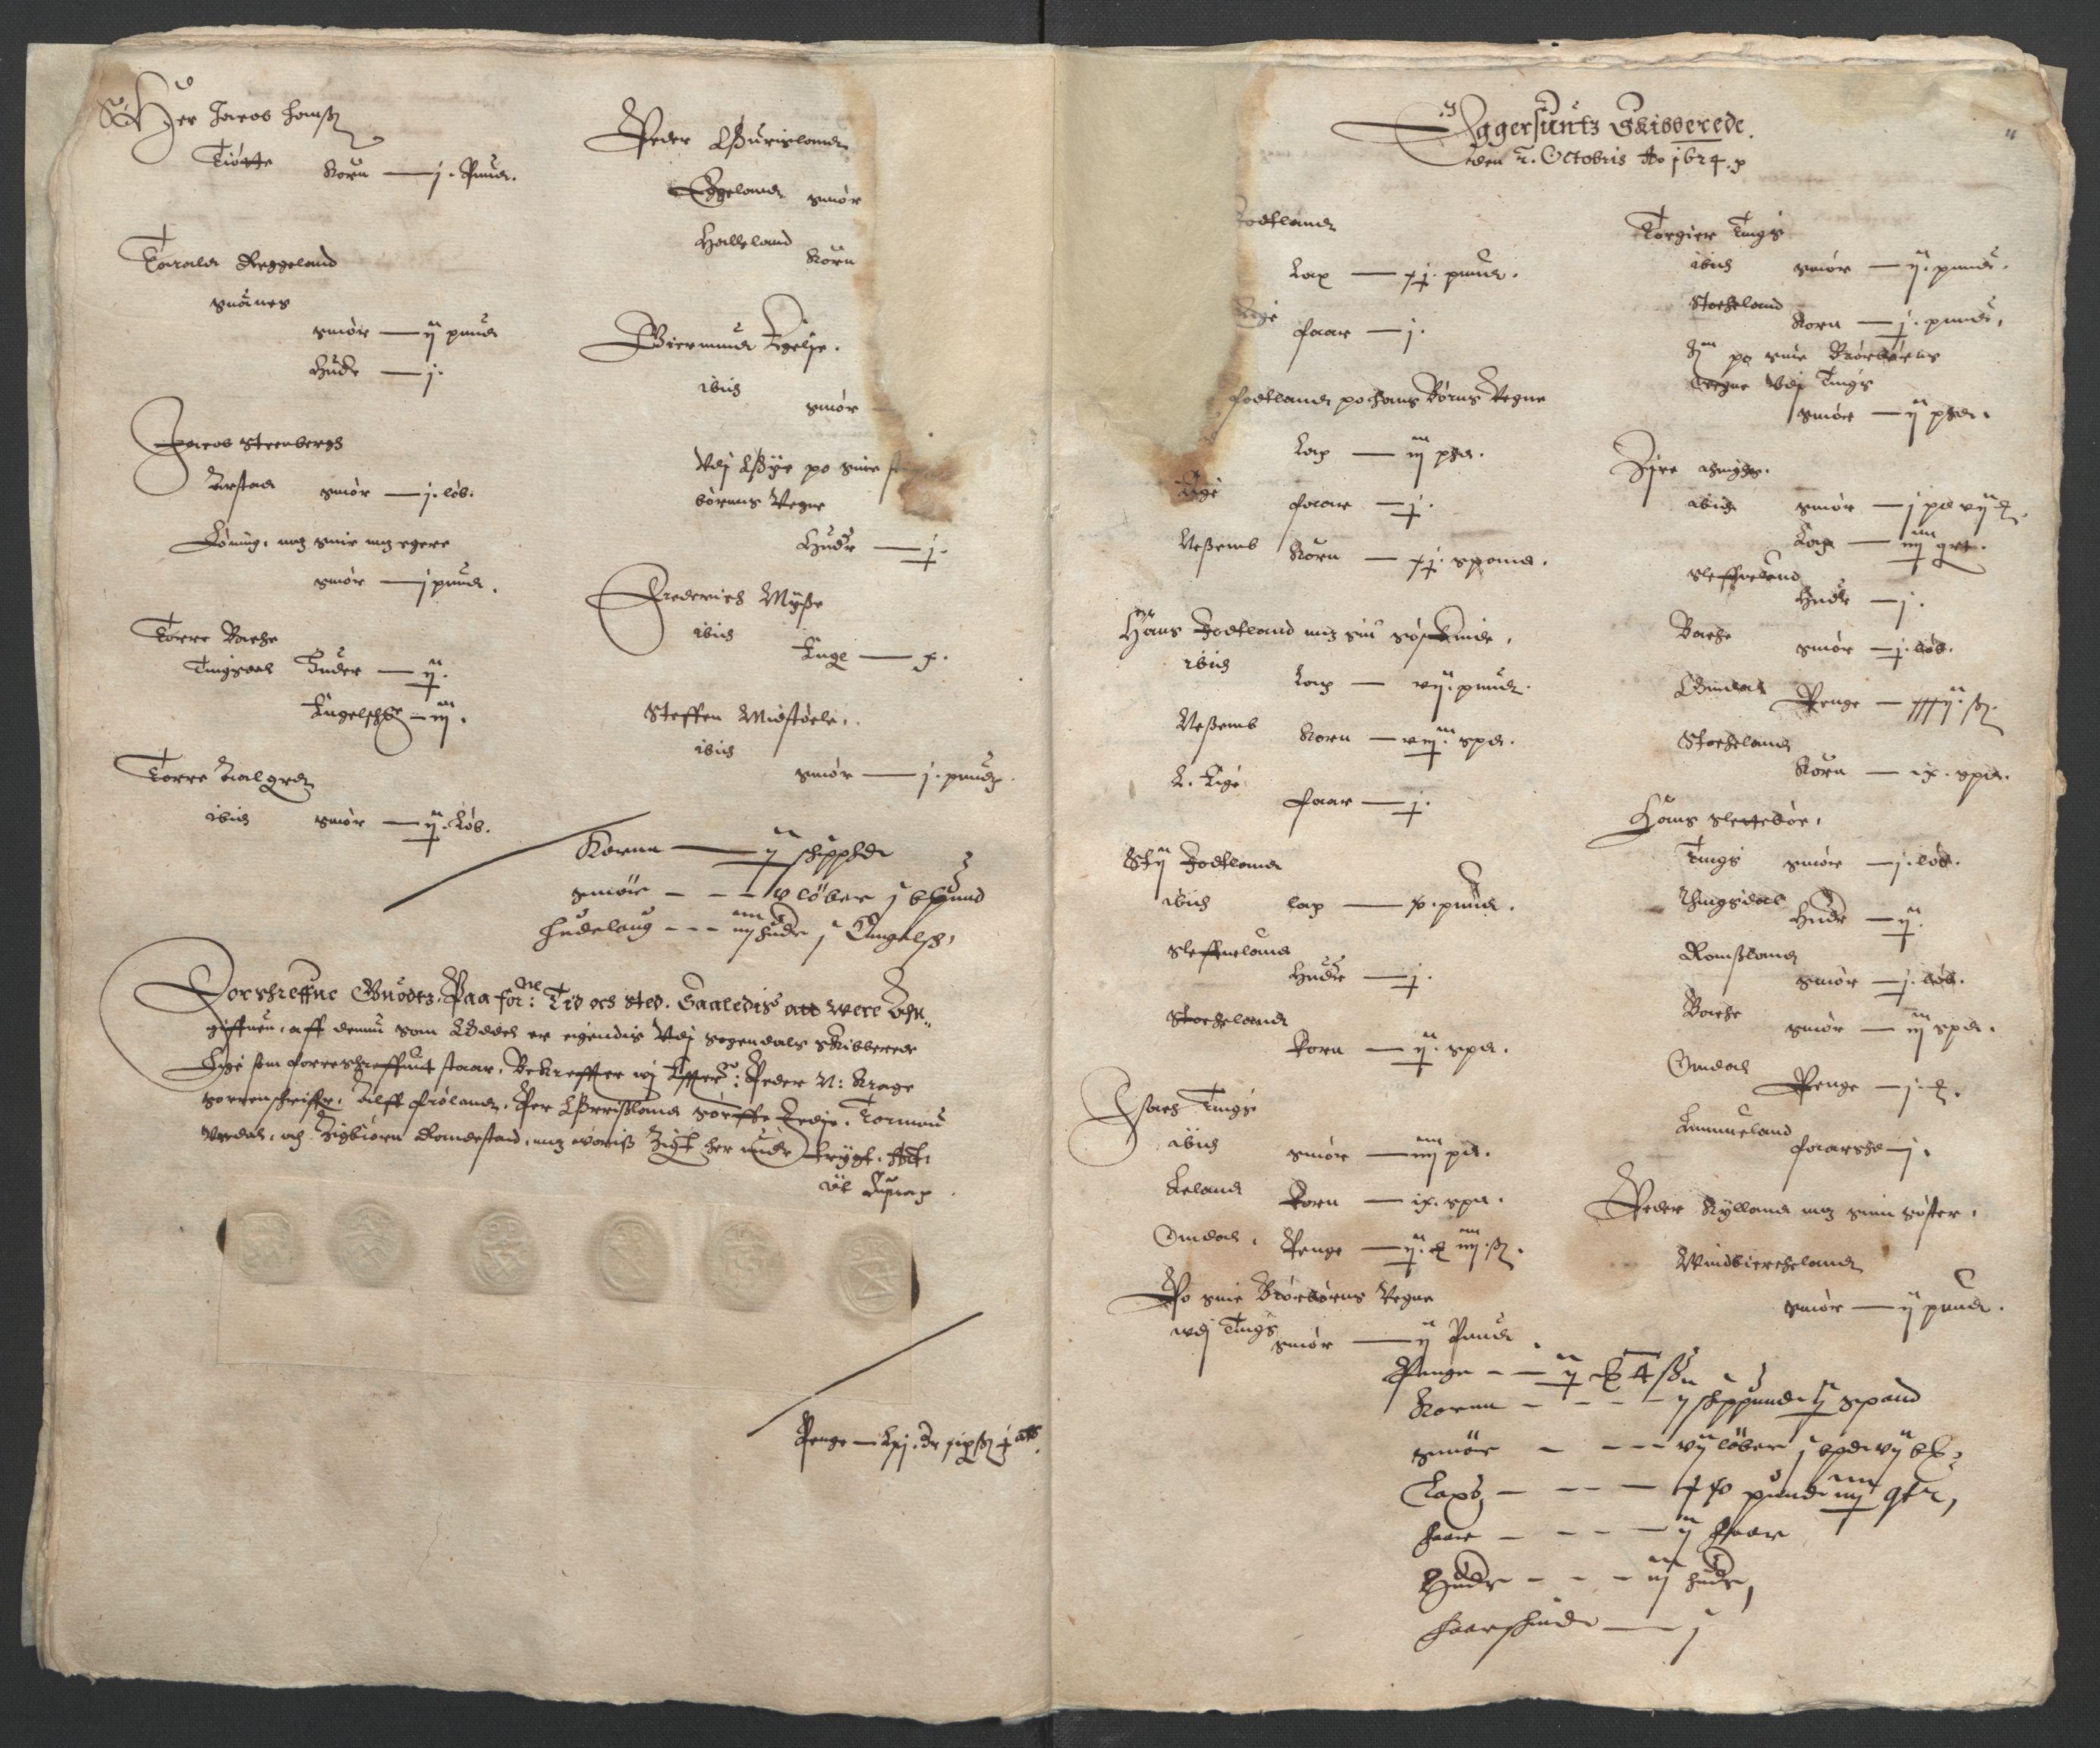 RA, Stattholderembetet 1572-1771, Ek/L0010: Jordebøker til utlikning av rosstjeneste 1624-1626:, 1624-1626, s. 45